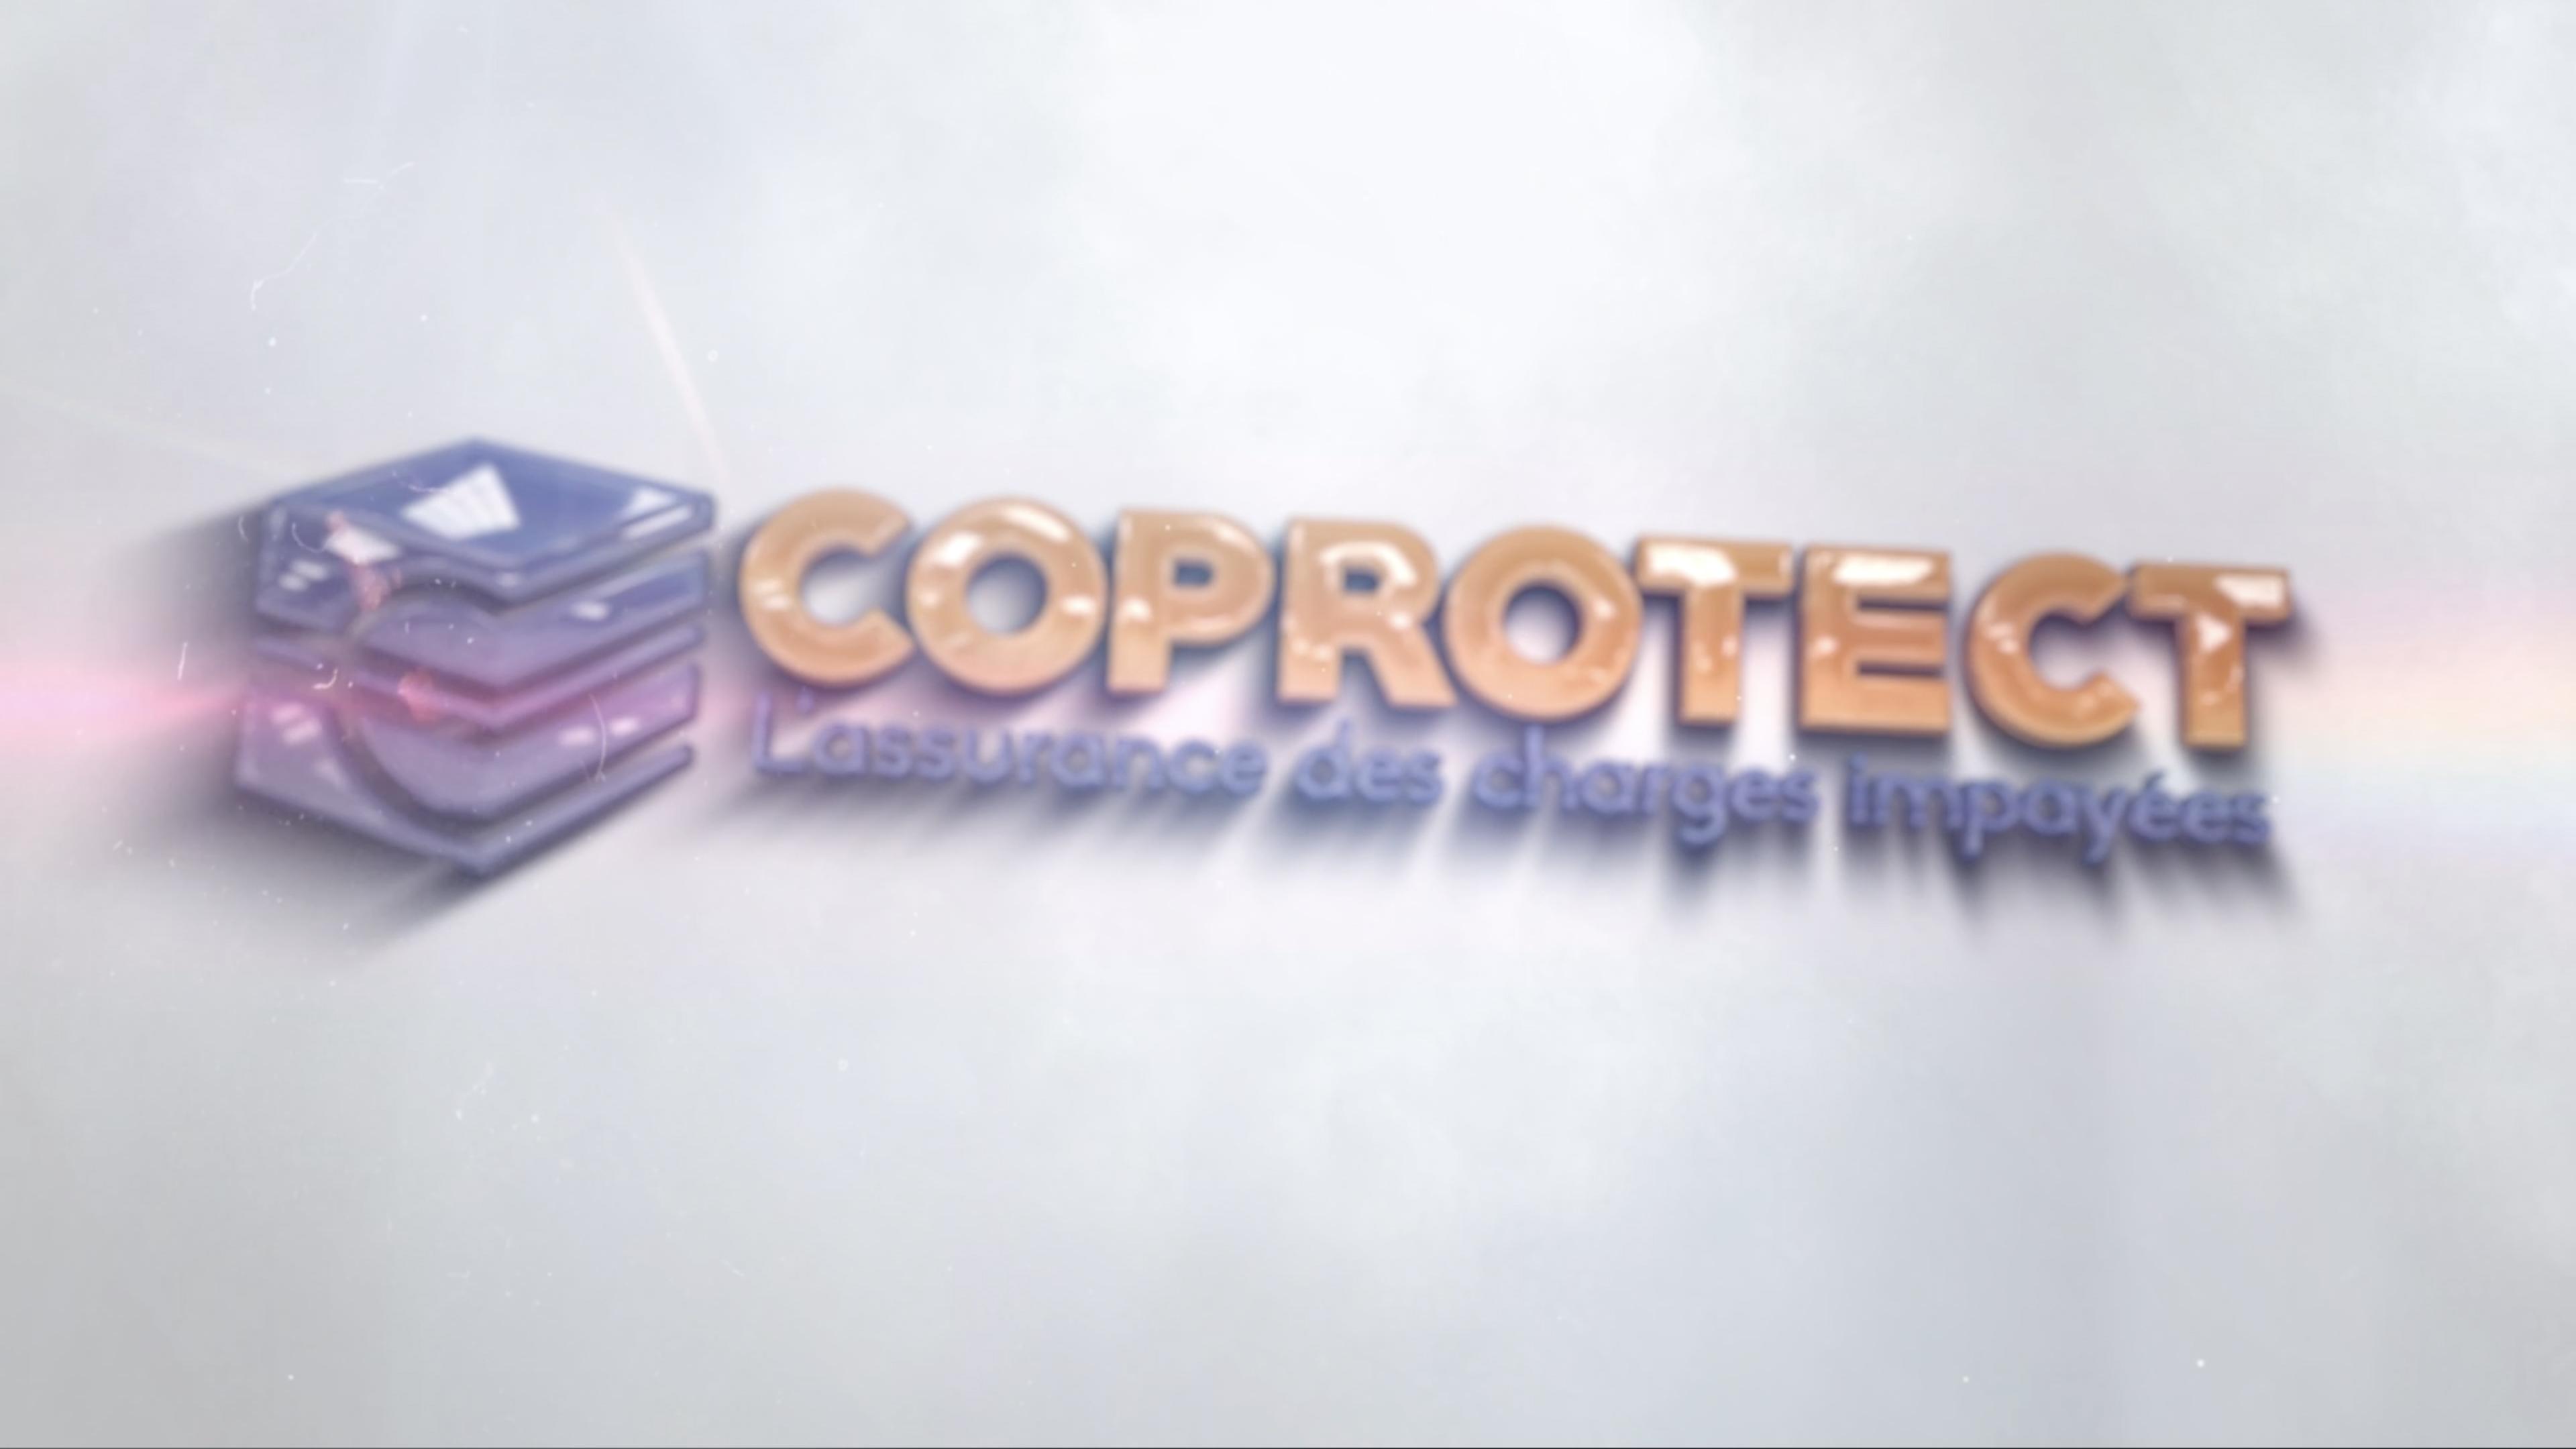 Coprotect - Épisode 2